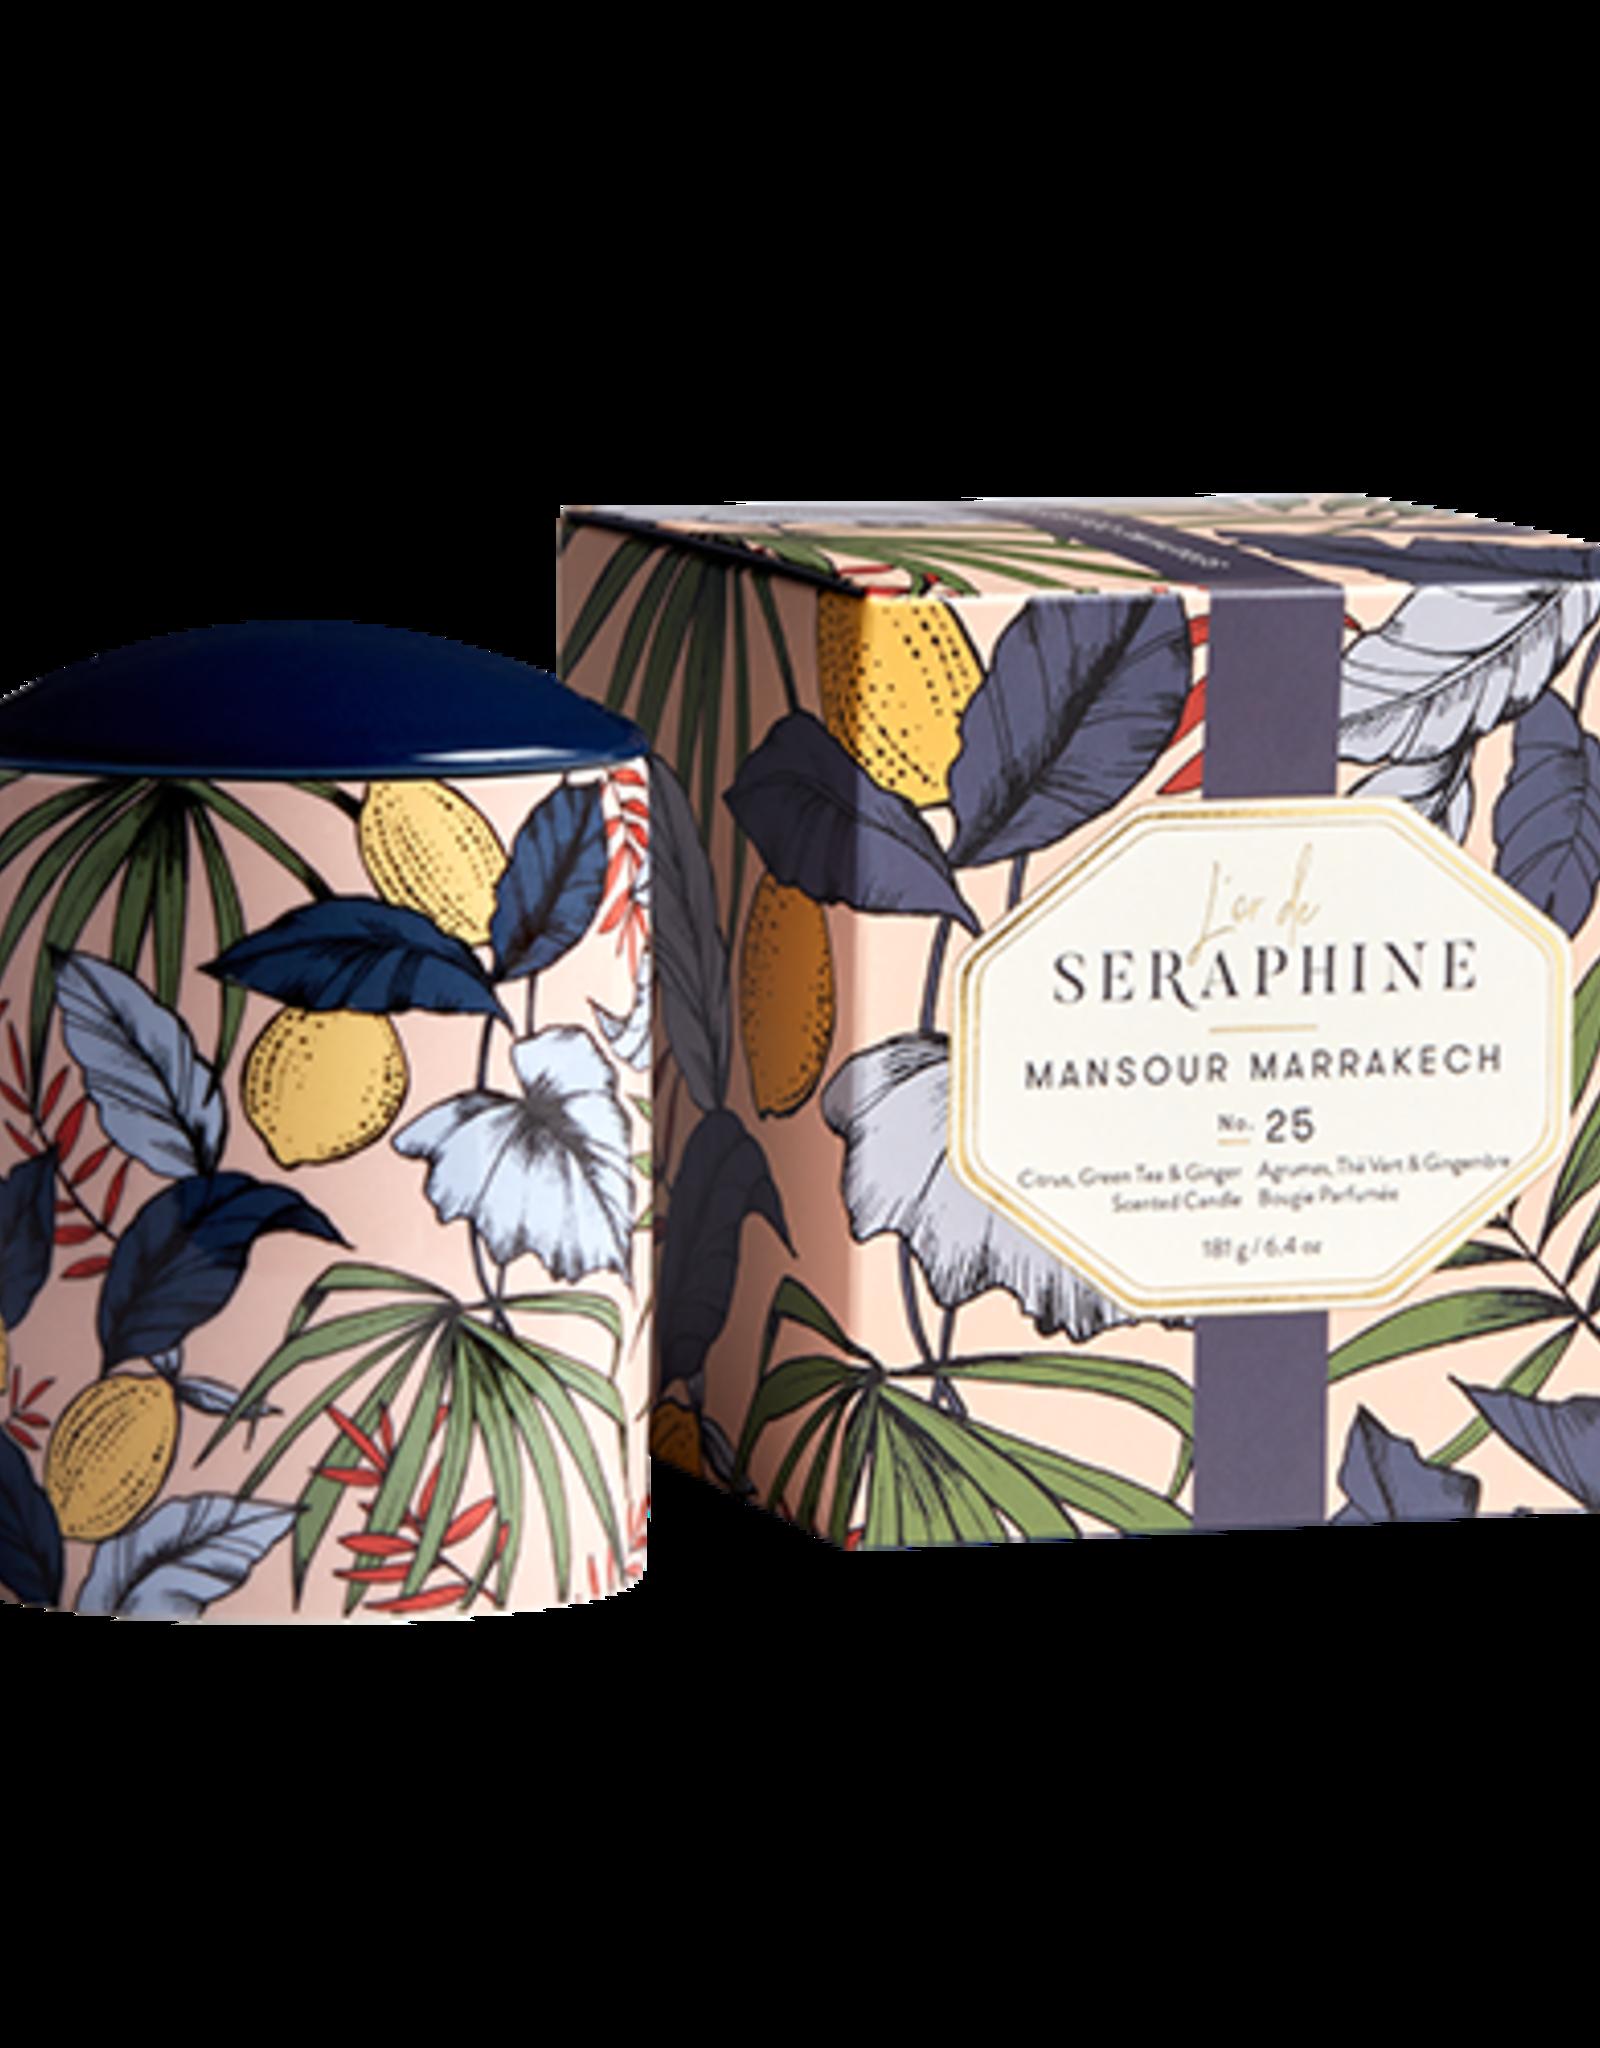 L'or de Seraphine L'or de Seraphine Medium Jar Candle MANSOUR MARRAKECH